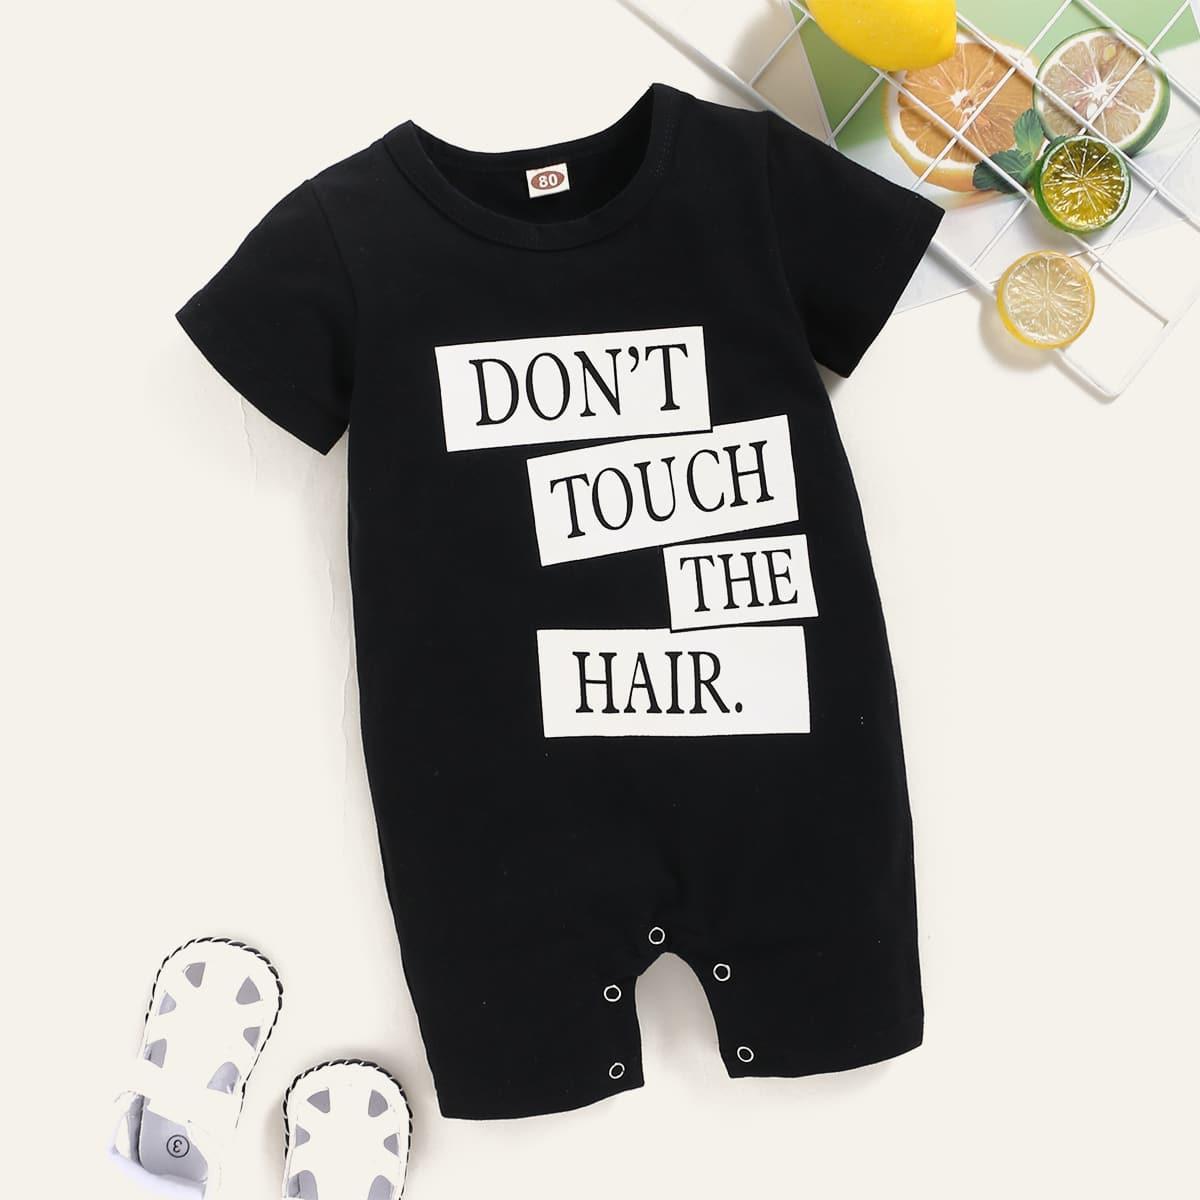 Комбинезон-футболка с текстовым принтом для девочек от SHEIN